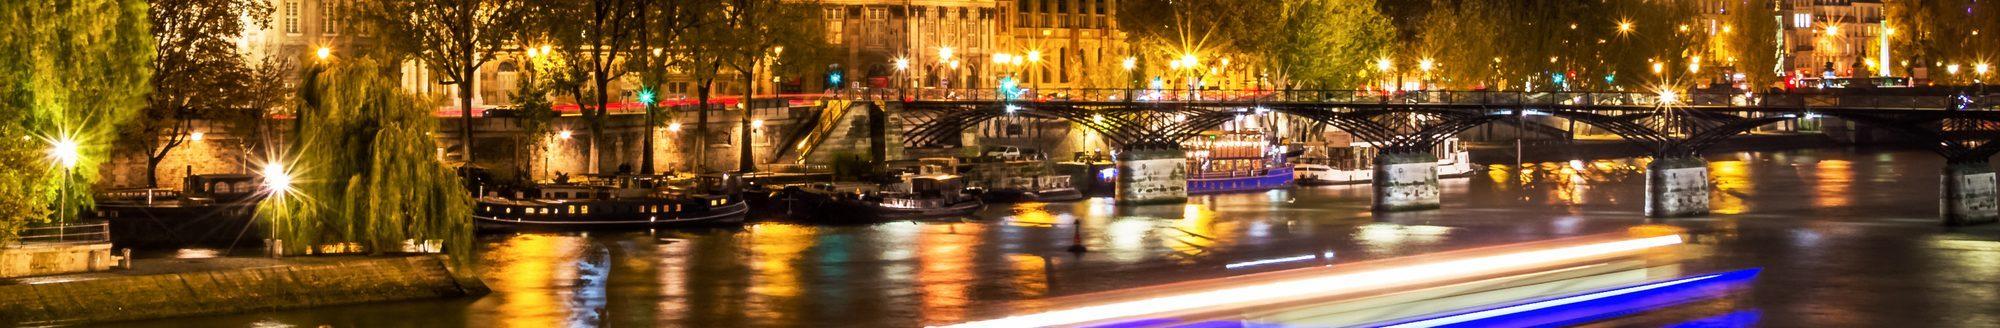 Best Seine River dinner cruise